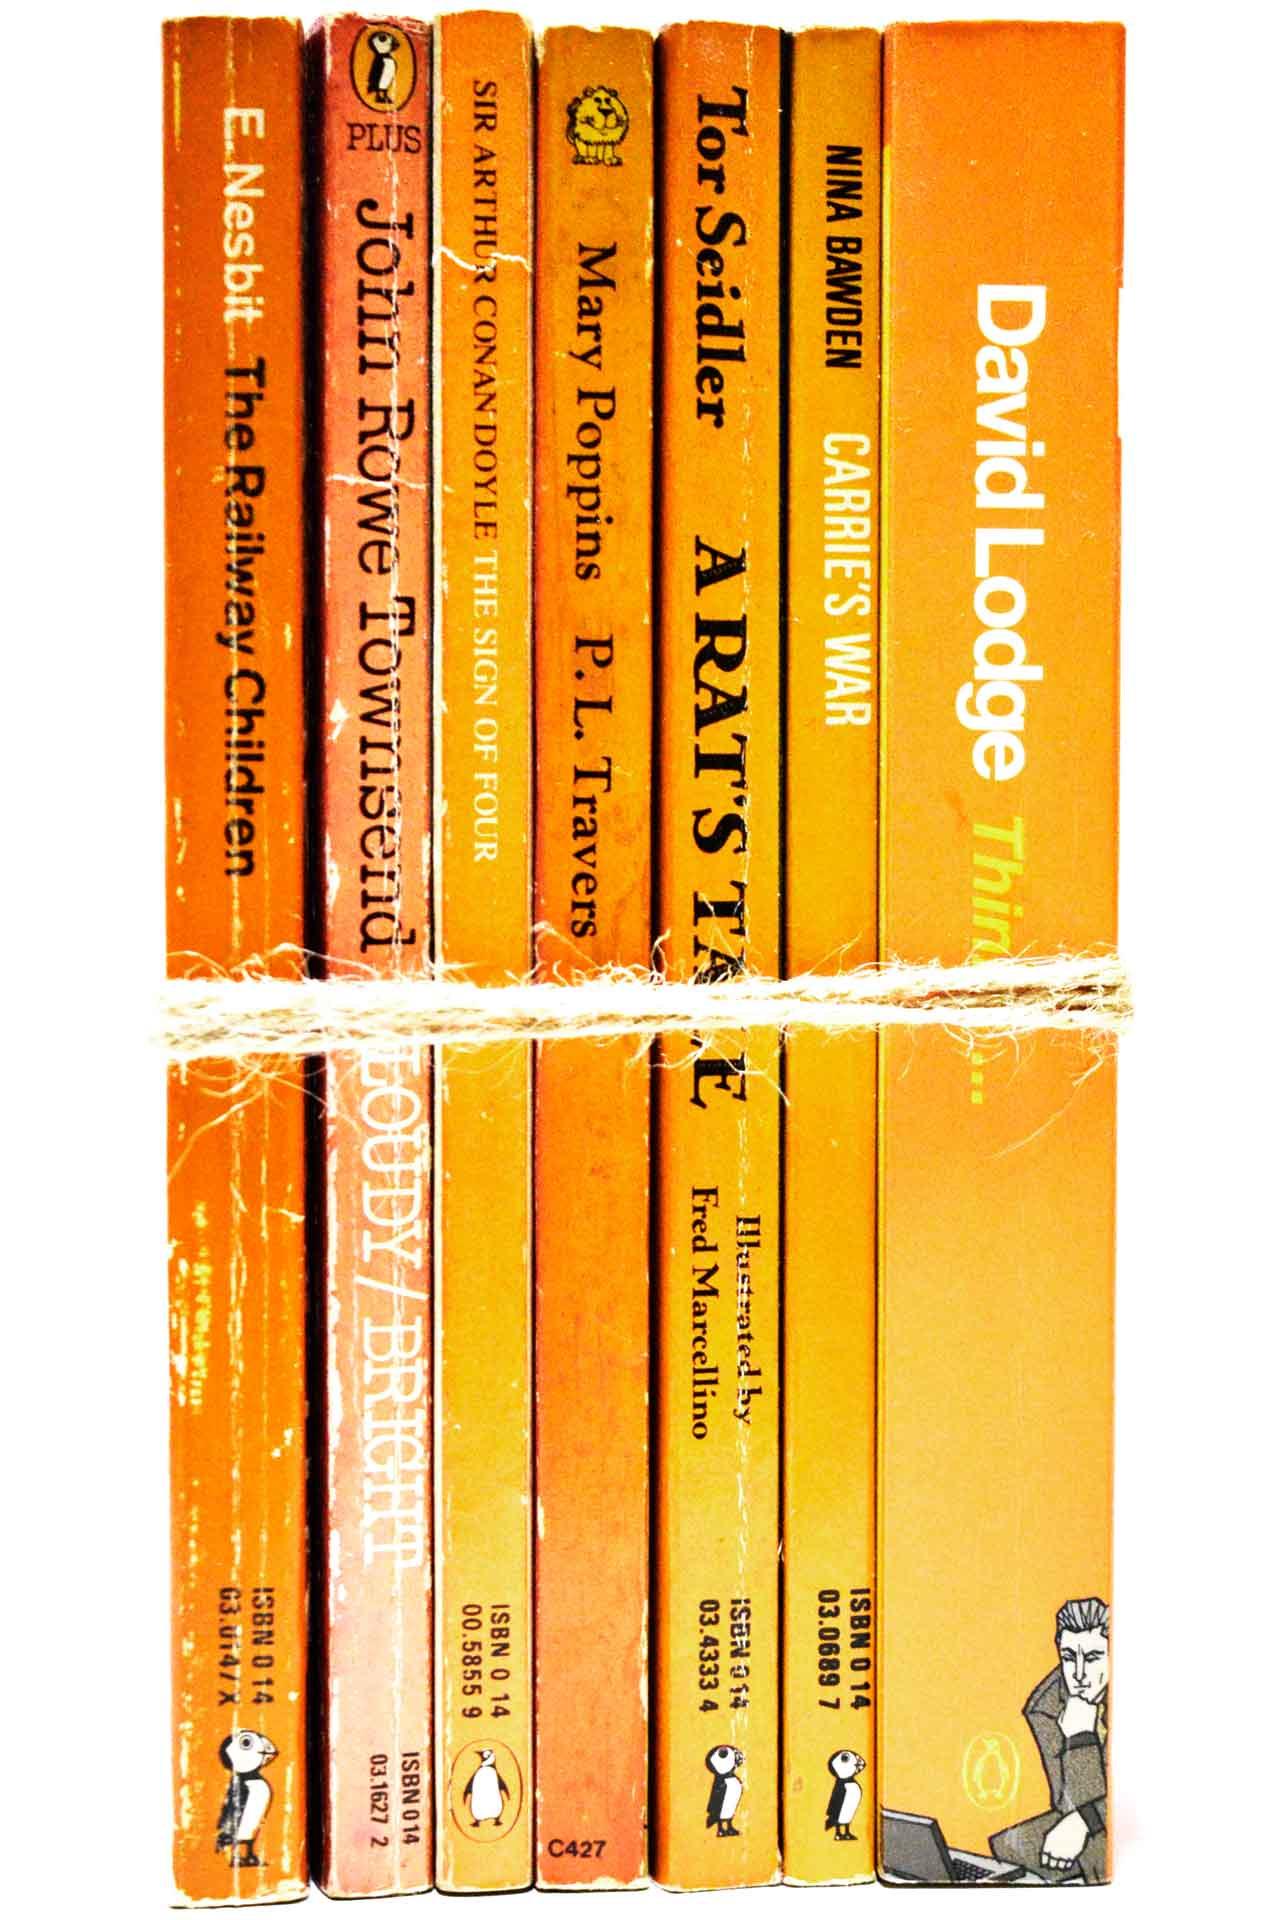 洋書 ディスプレイ用 7冊セット RZ-5534